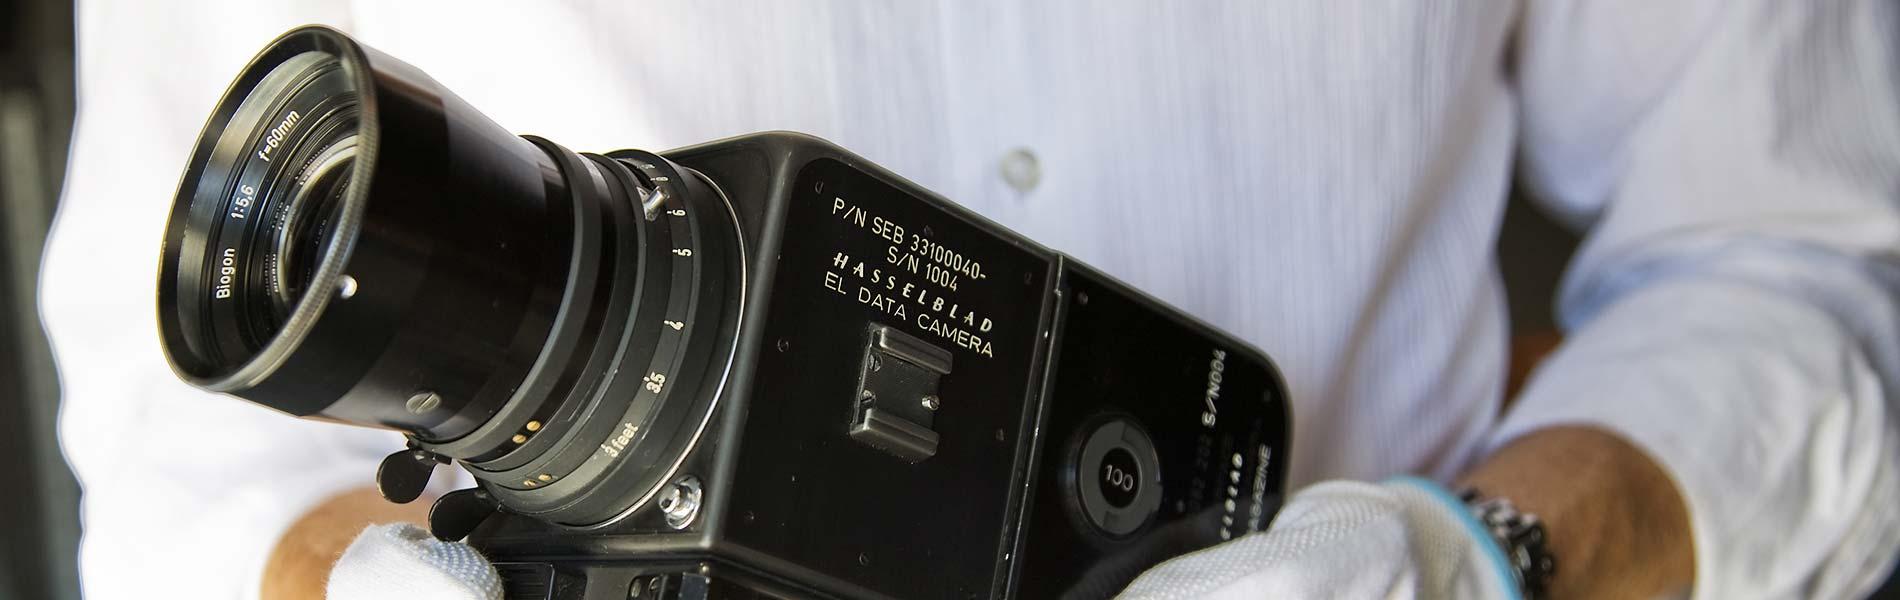 Hasselblads kamera som användes på månresor